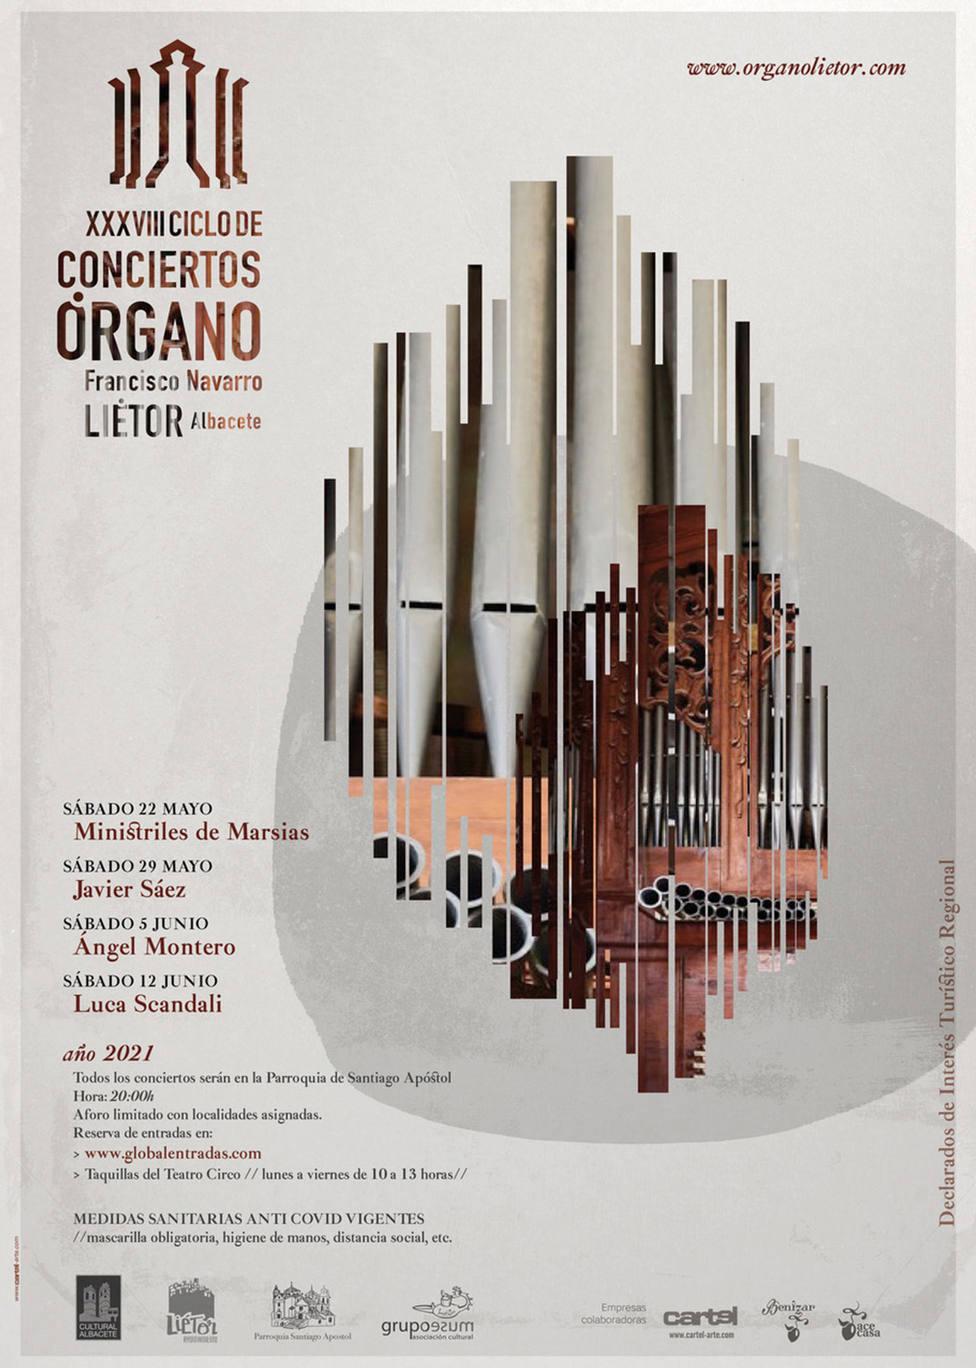 Cartel del XXXVIII Ciclo de conciertos de órgano de Liétor